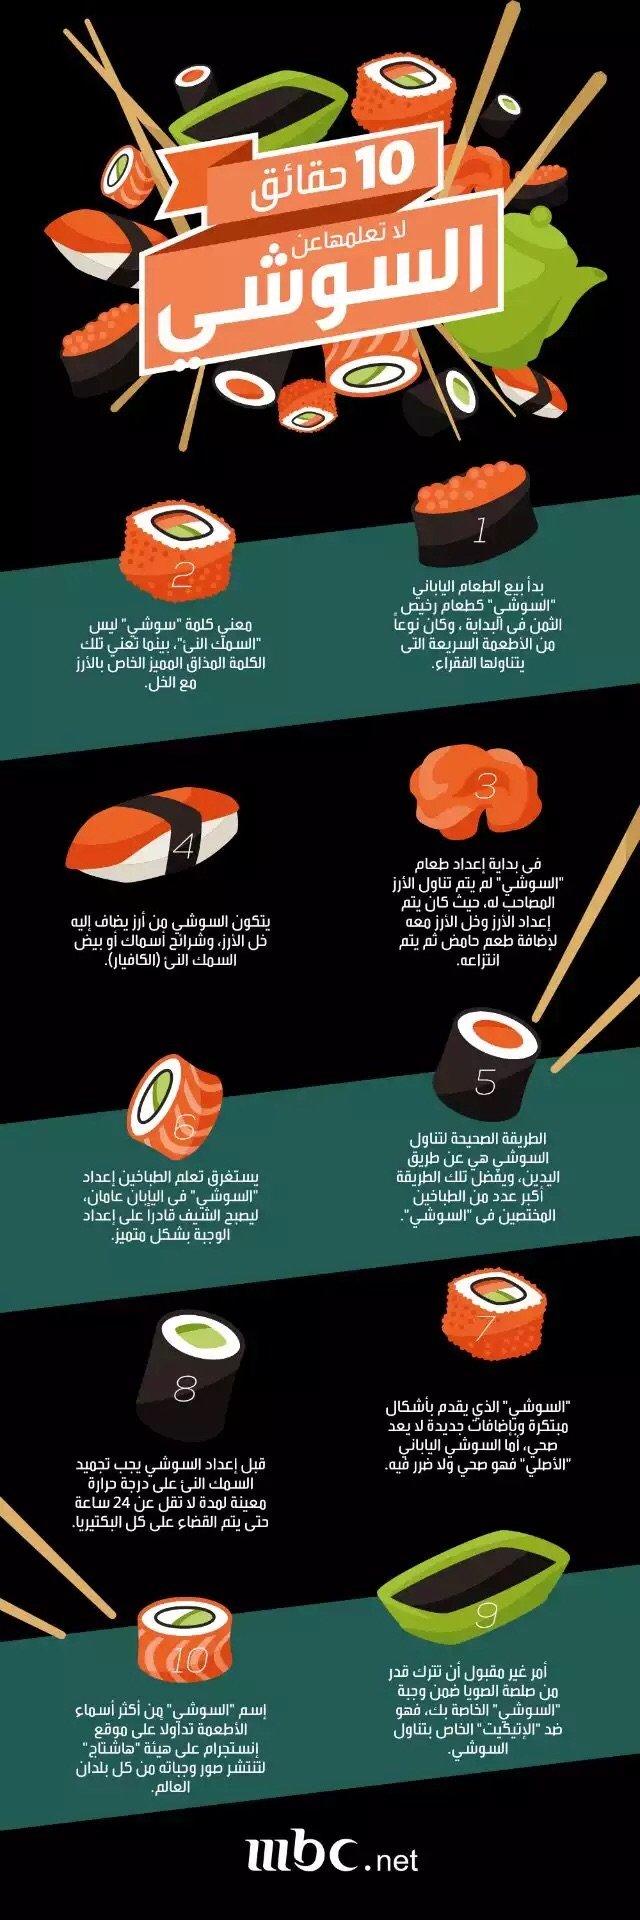 انفوجرافيك: حقائق لا تعرفها عن السوشي #انفوجرافيك